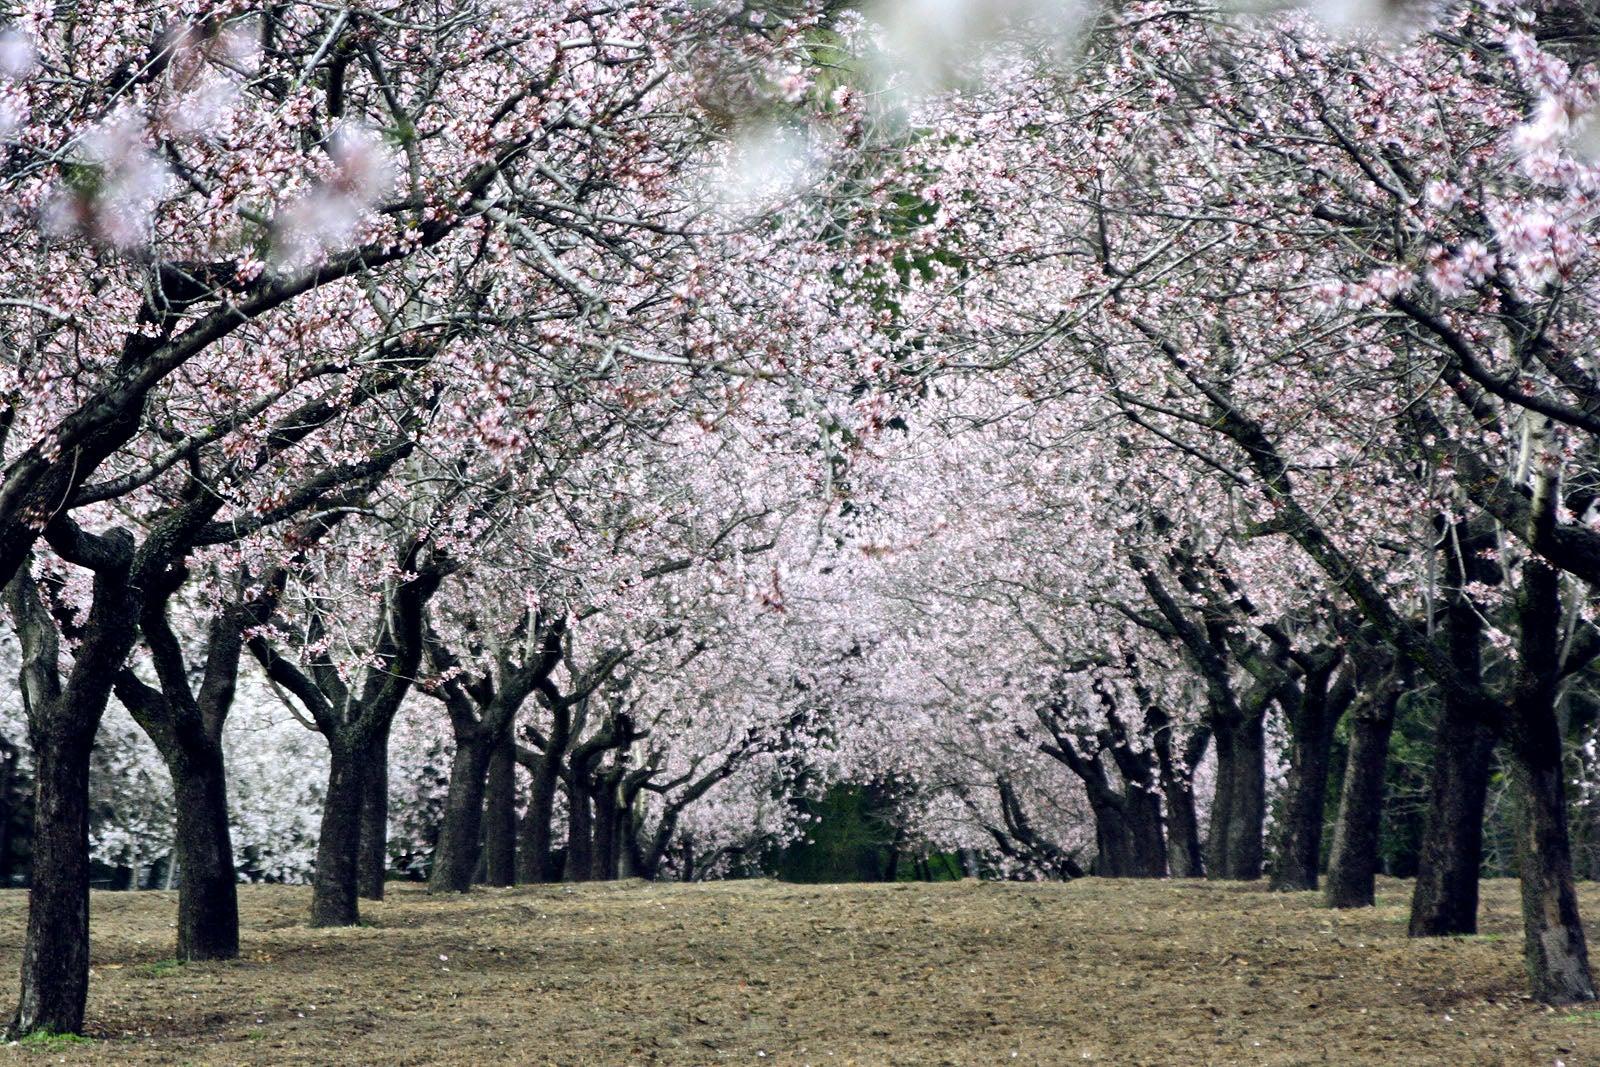 Los almendros de la Quinta de los Molinos florecen antes de tiempo